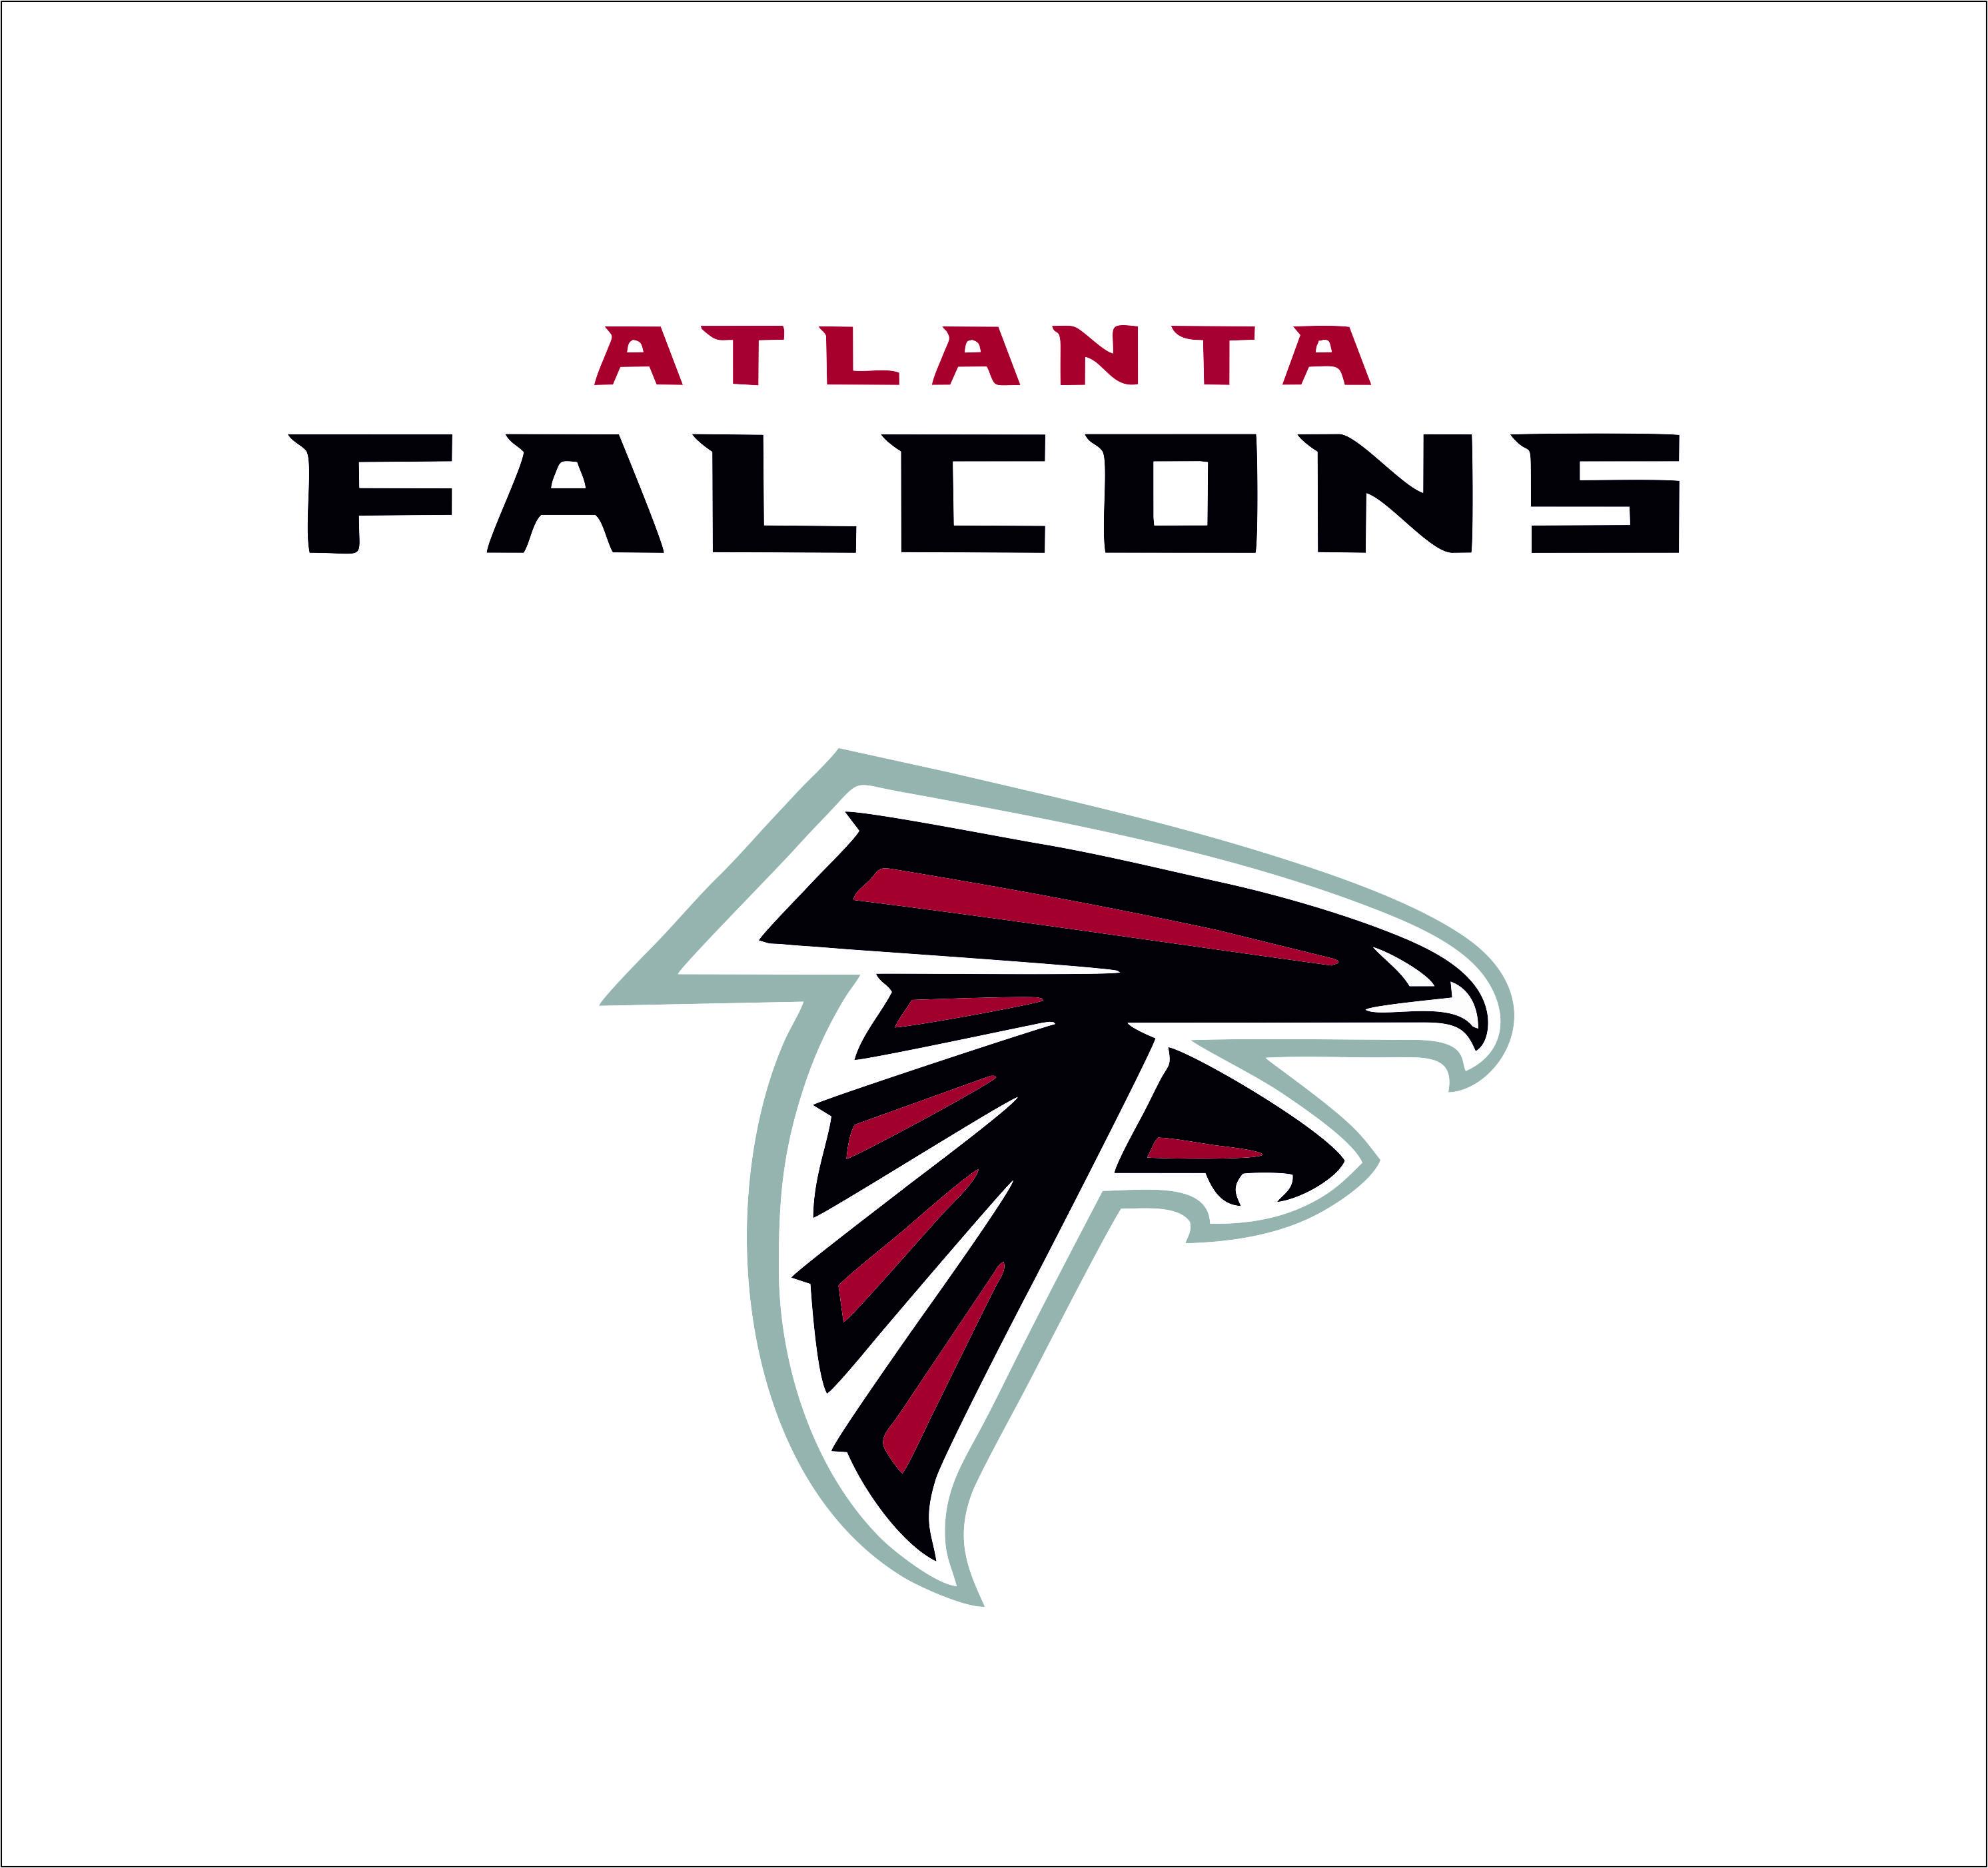 Atlanta Falcons logo   SVGprinted